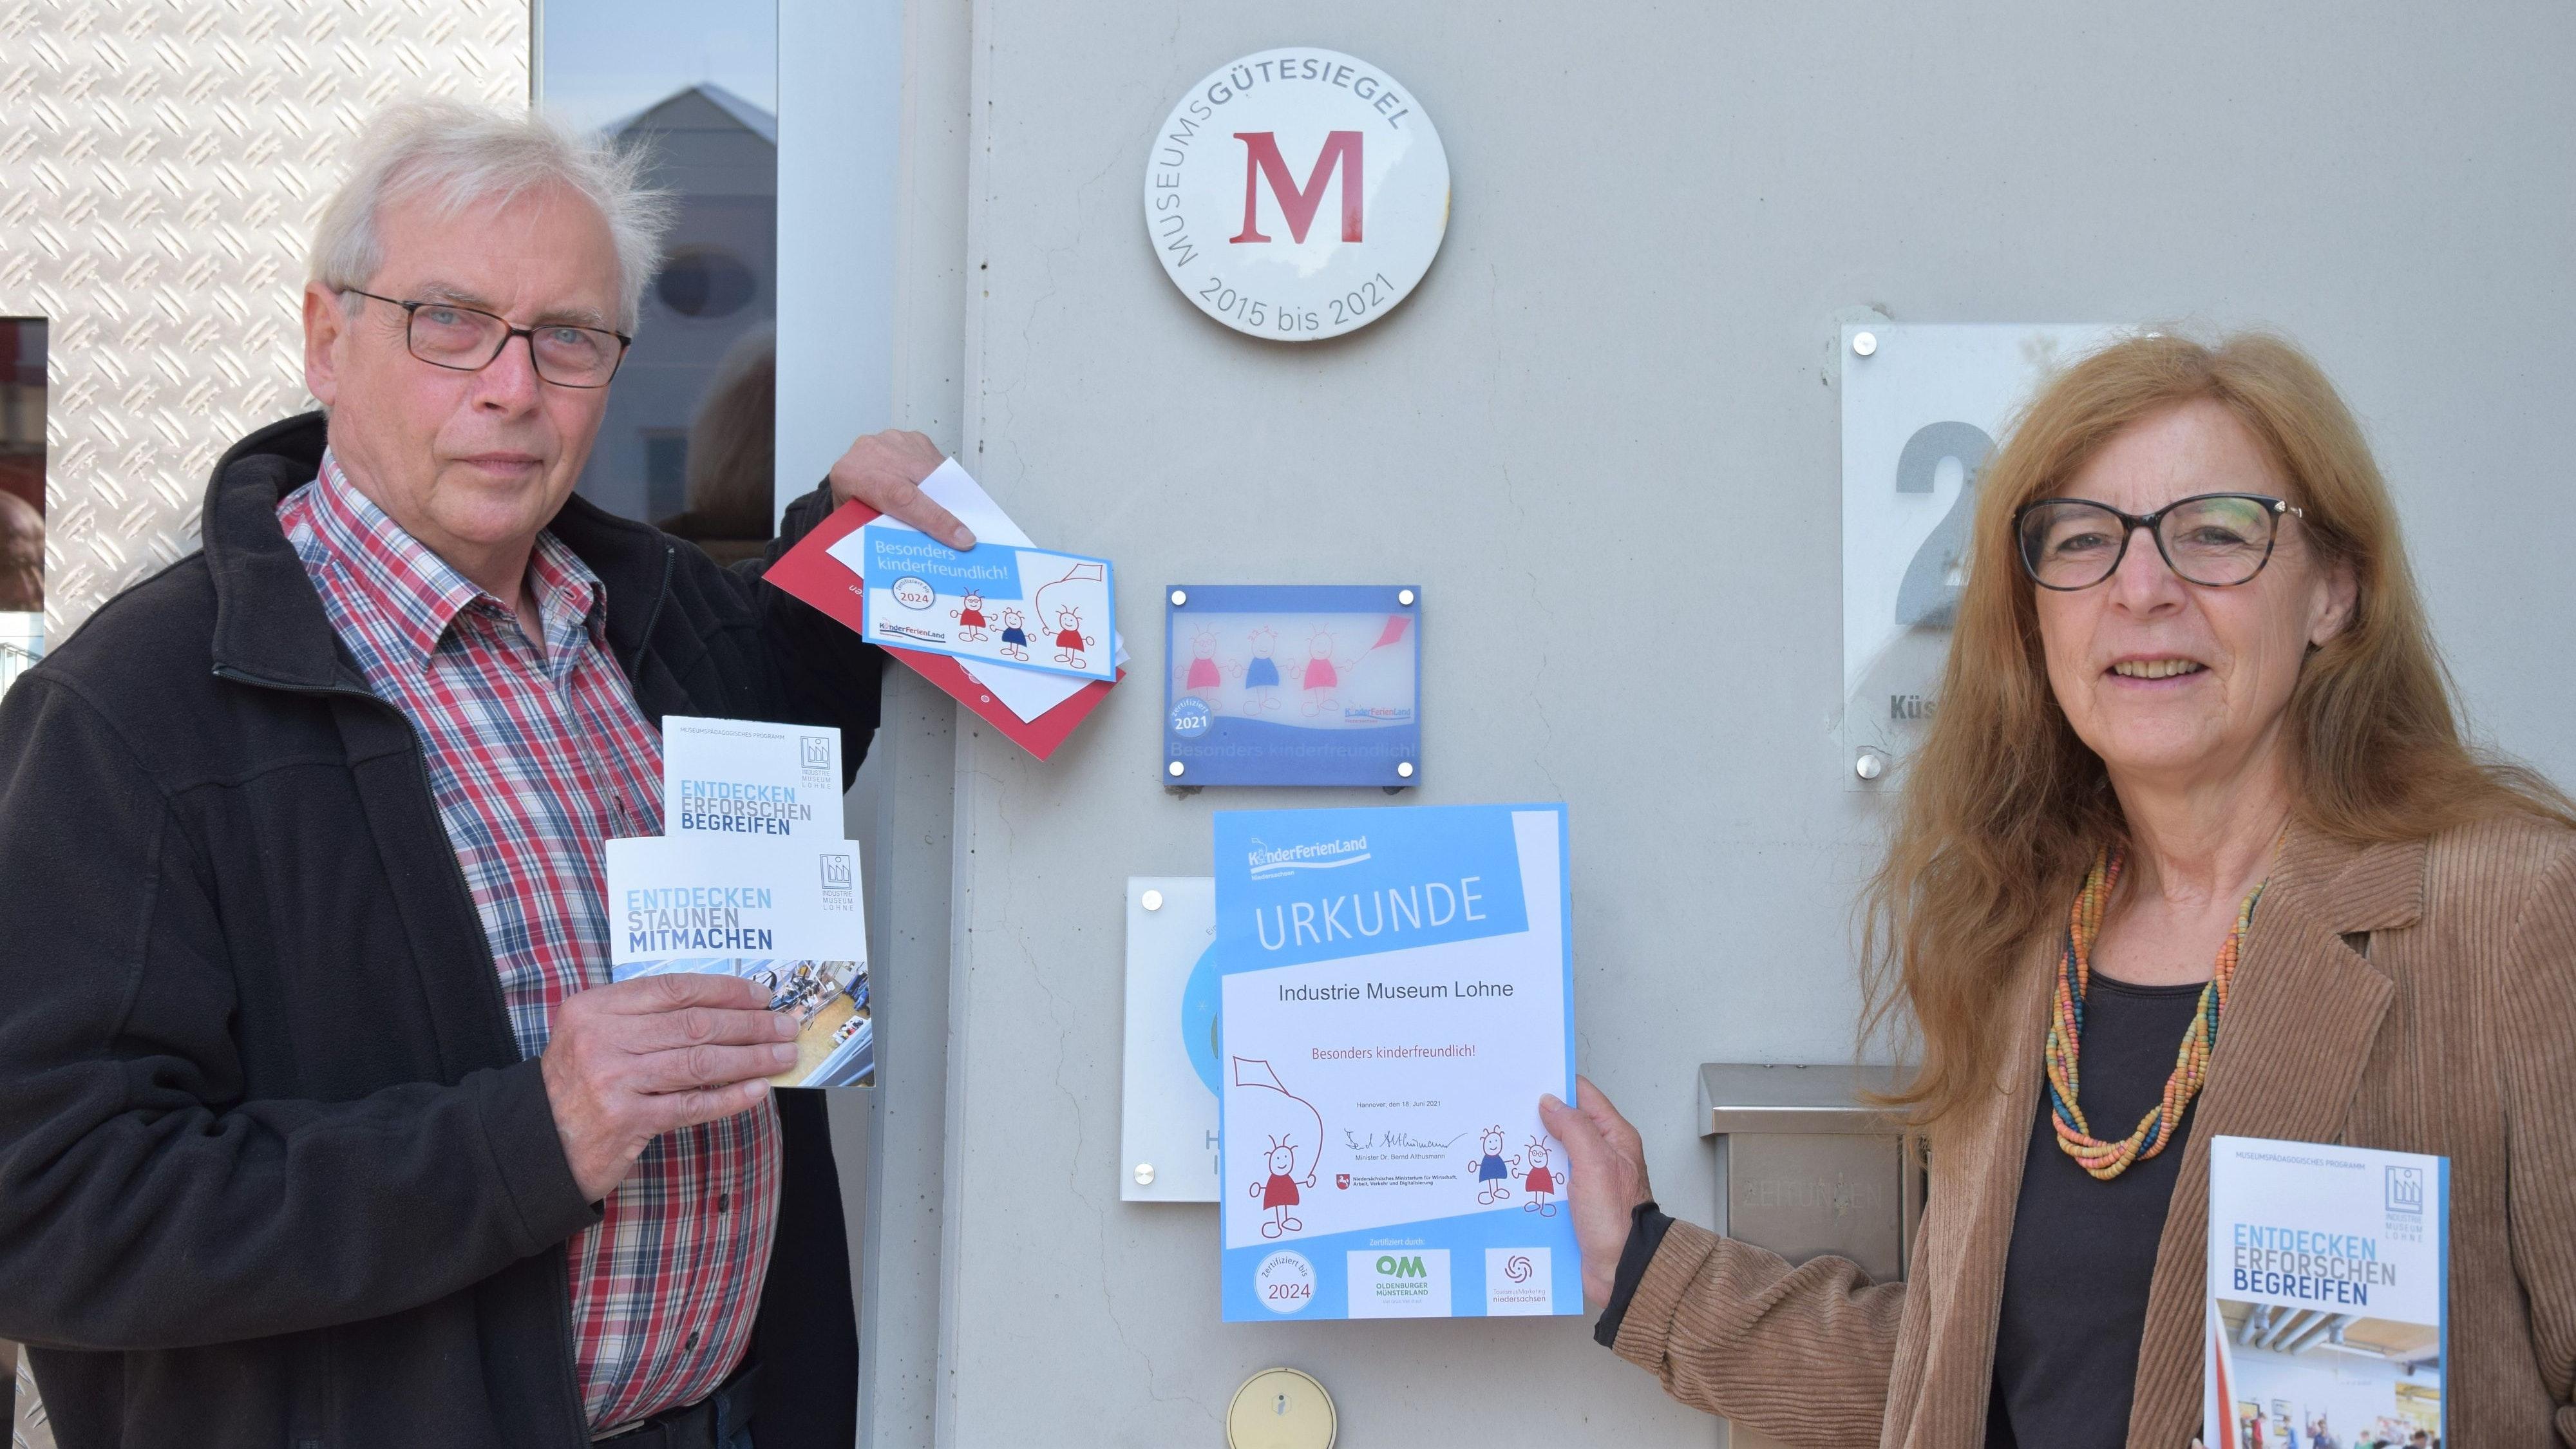 Freuen sich über die Zertifizierung: Vorsitzender des Trägervereins, Benno Dräger, und Museumsleiterin Ulrike Hagemeier. Foto: Hahn